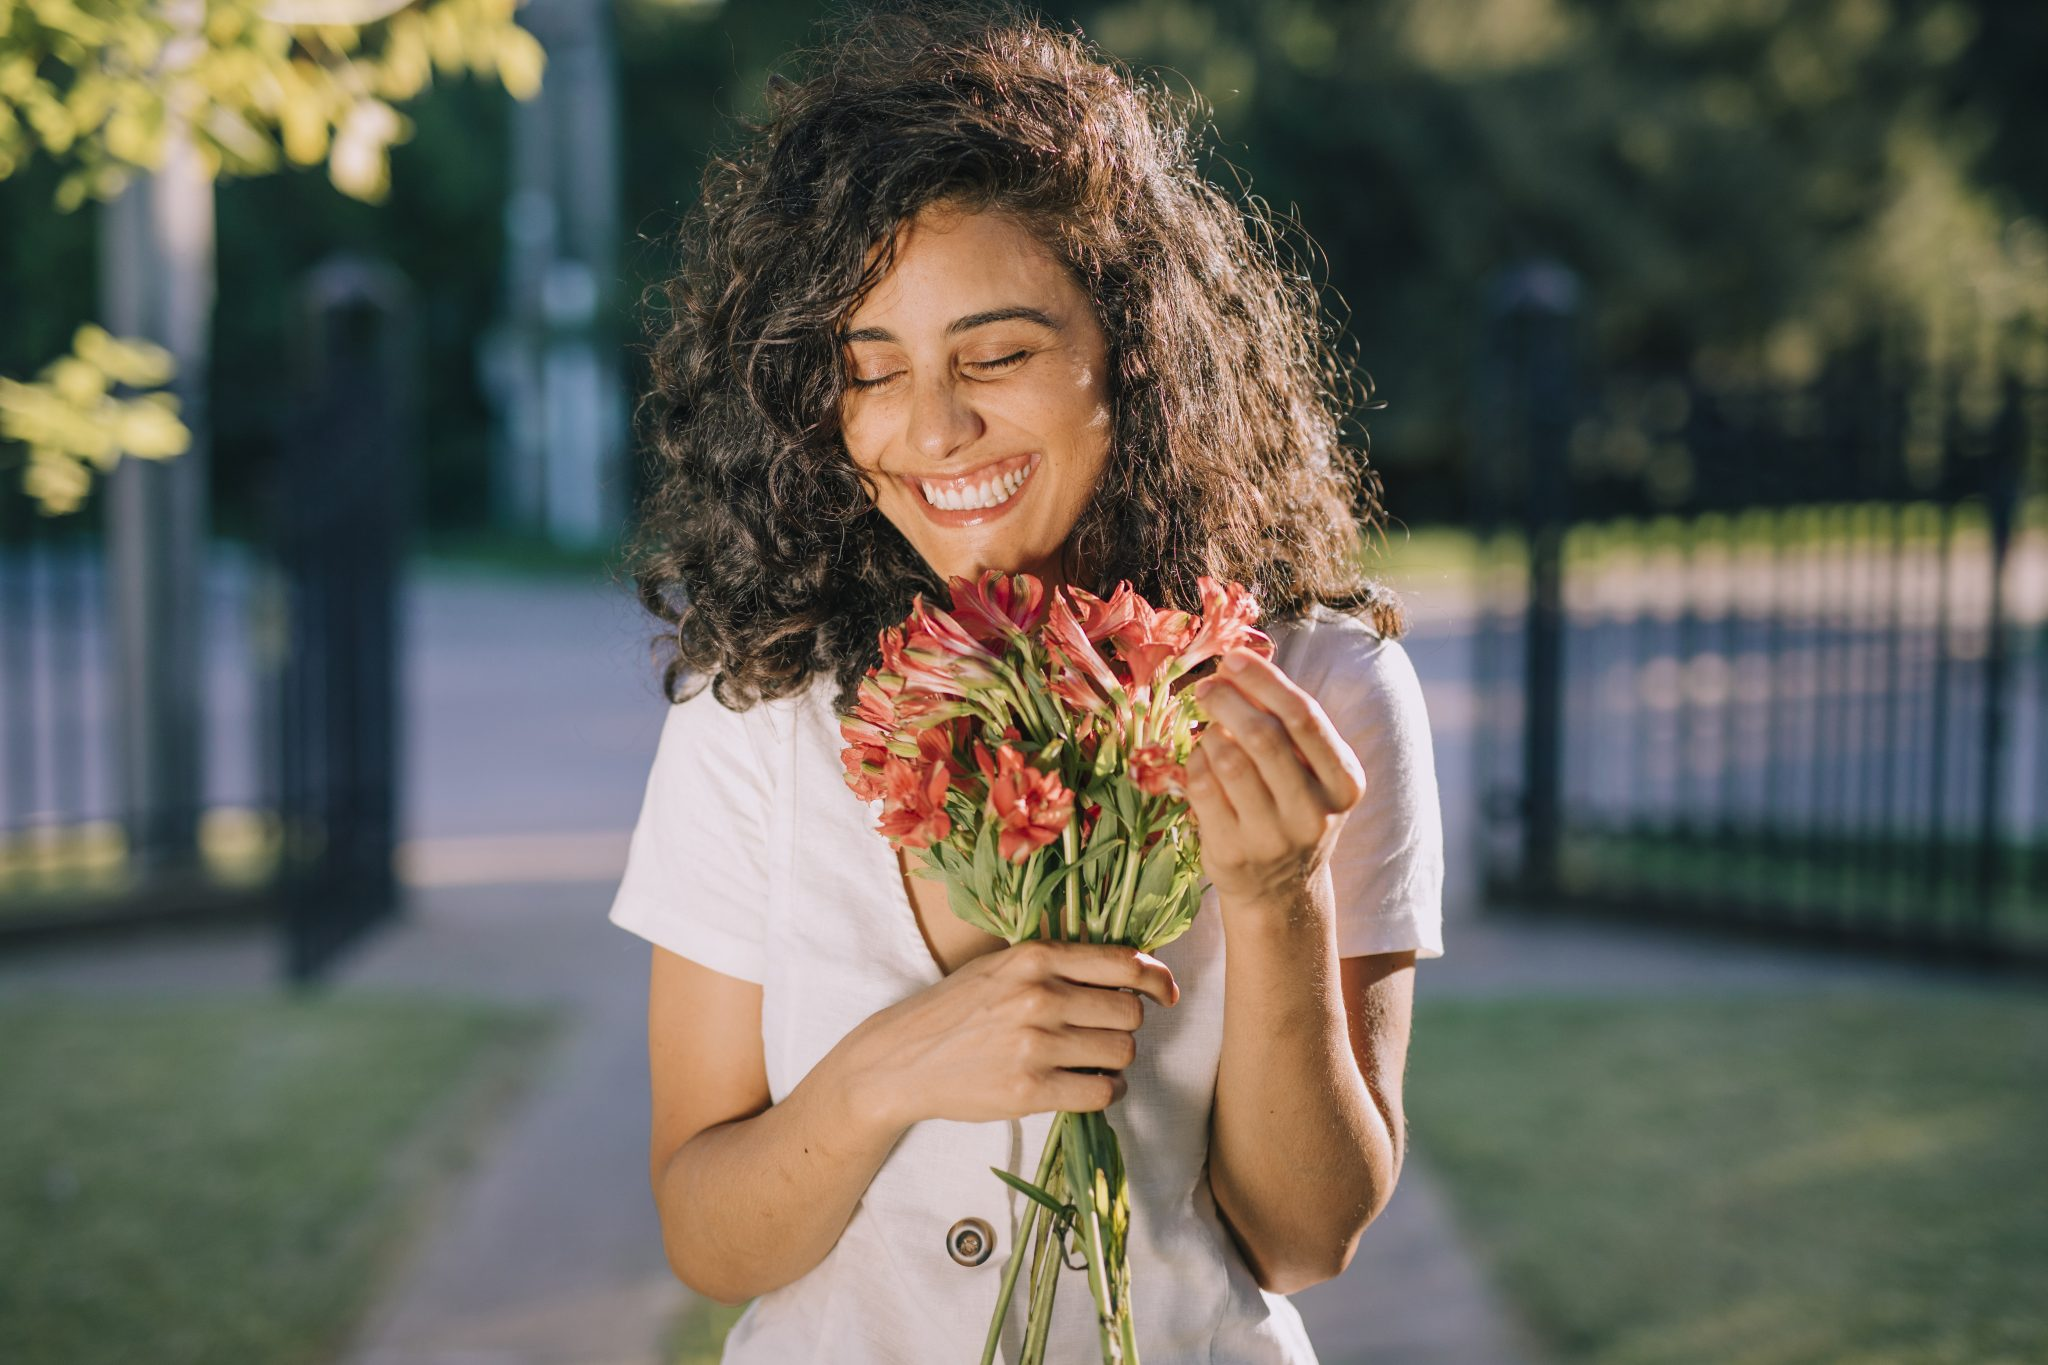 mulher segurando buquê flores sorrindo